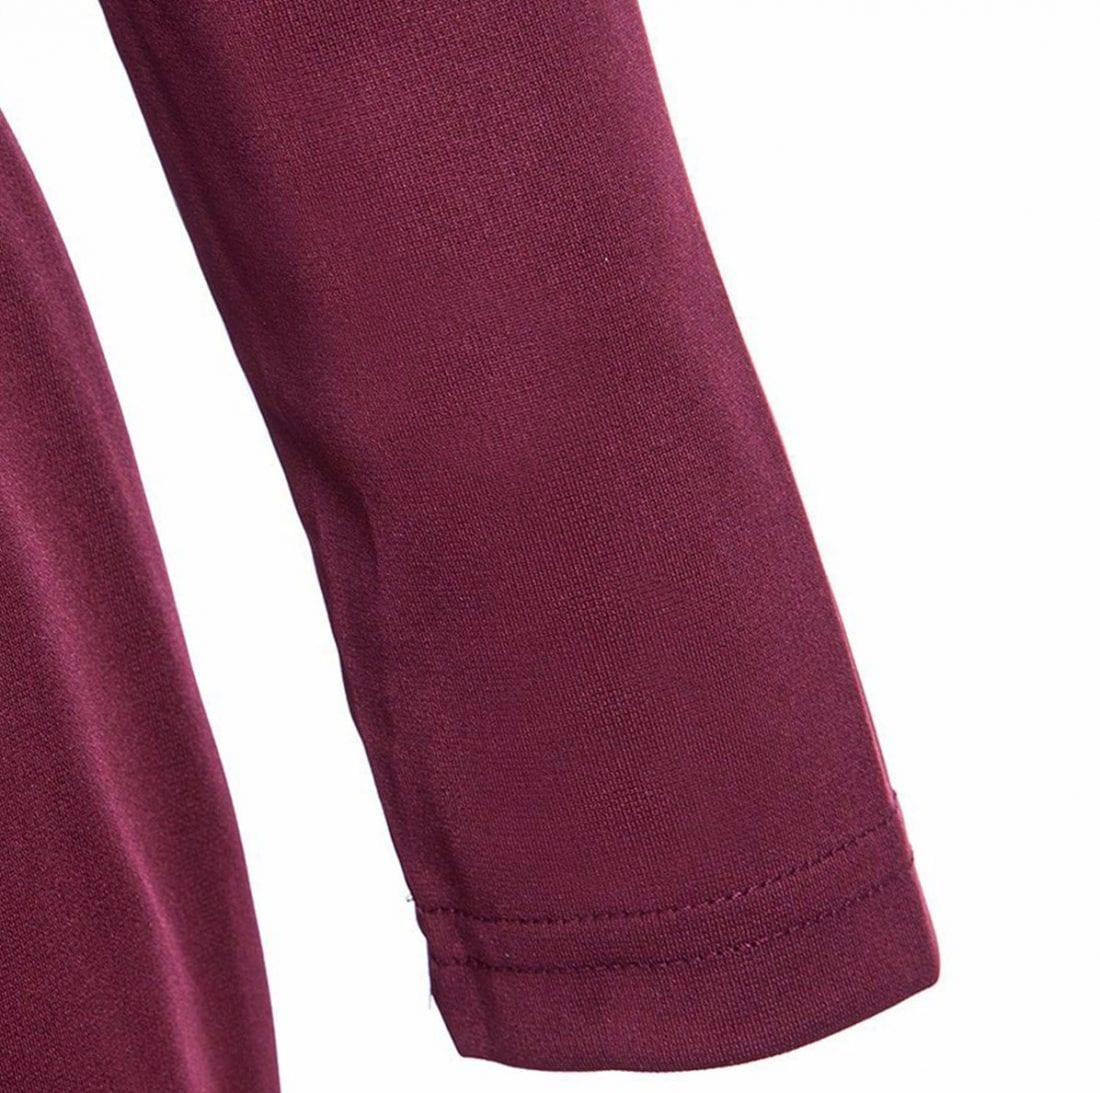 M0185 red7 Bodycon Dresses maureens.com boutique